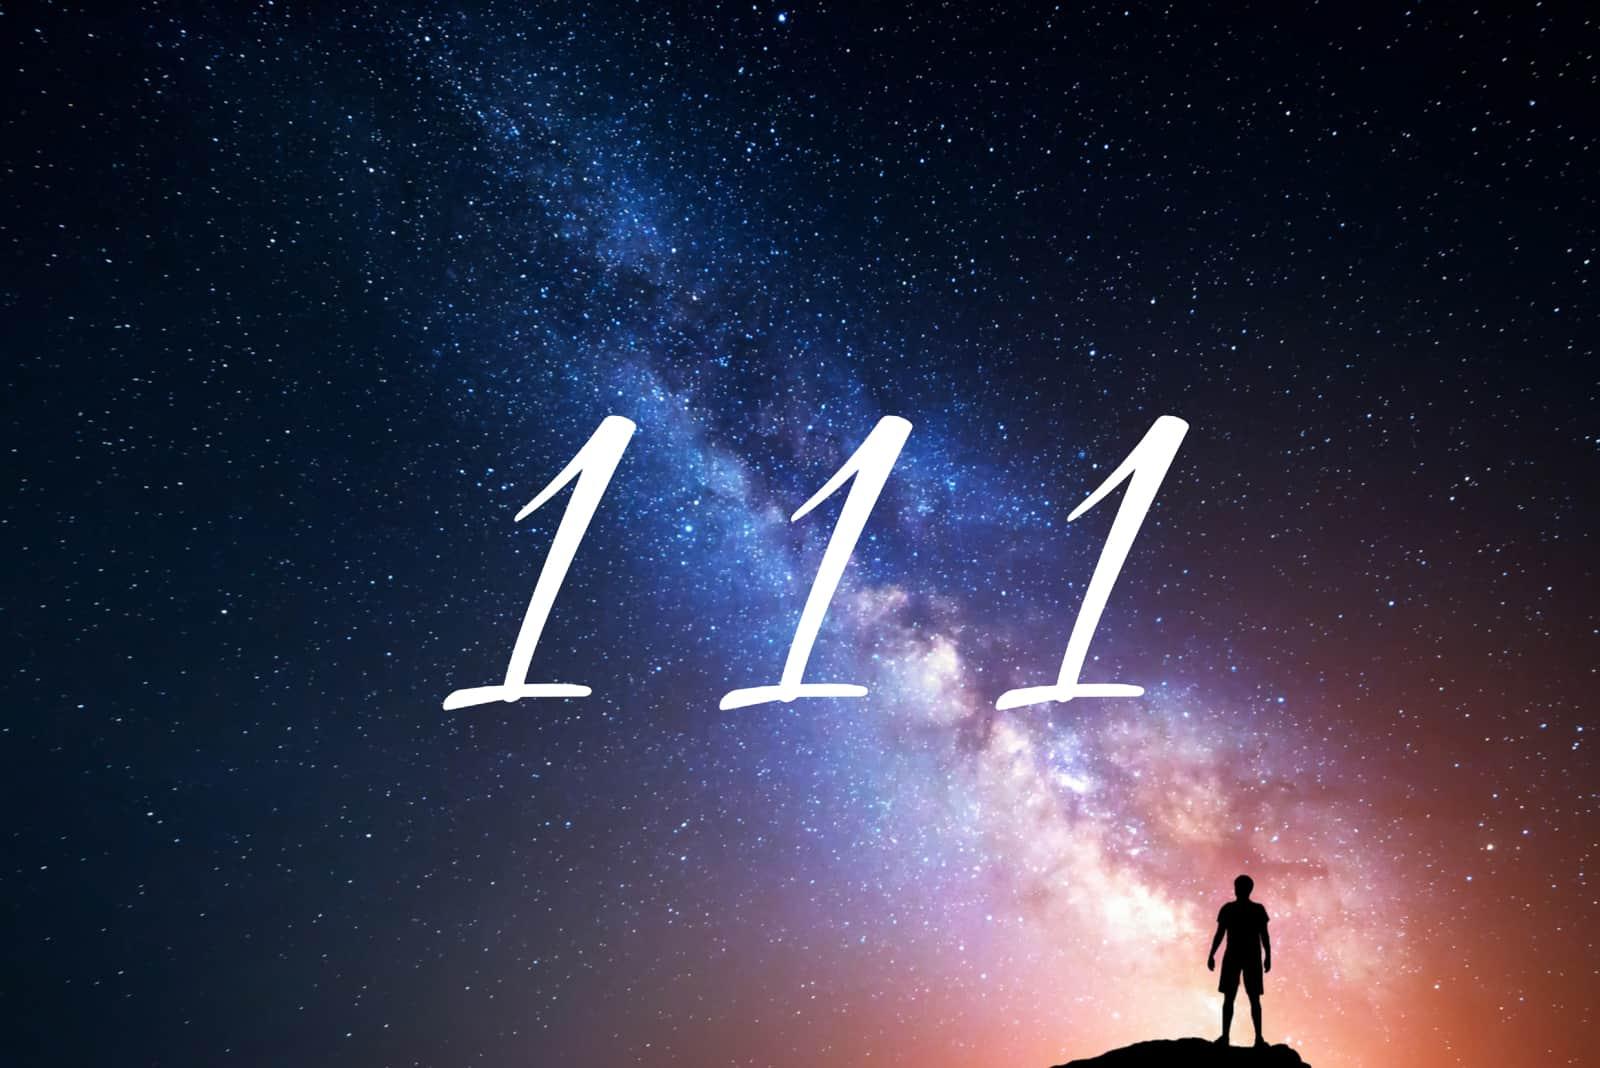 Die Zahl 111: Welche Bedeutung hat sie? Wir lüften das Mysterium!